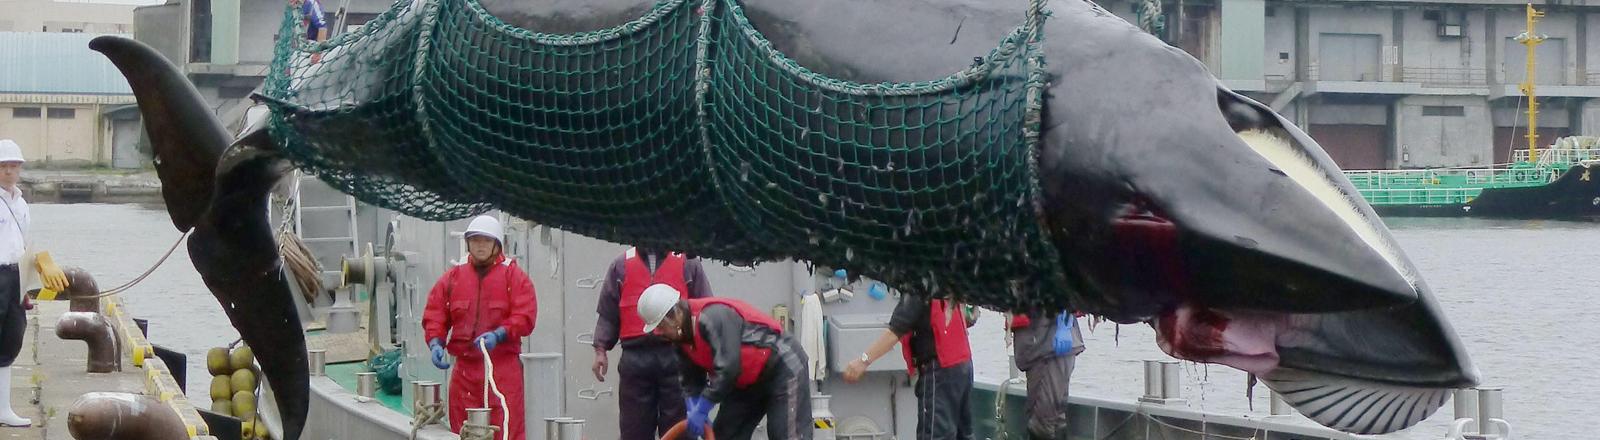 Ein toter Zwergwal wird von einem Walfänger in Kushiro, Hokkaido, Japan gehievt.